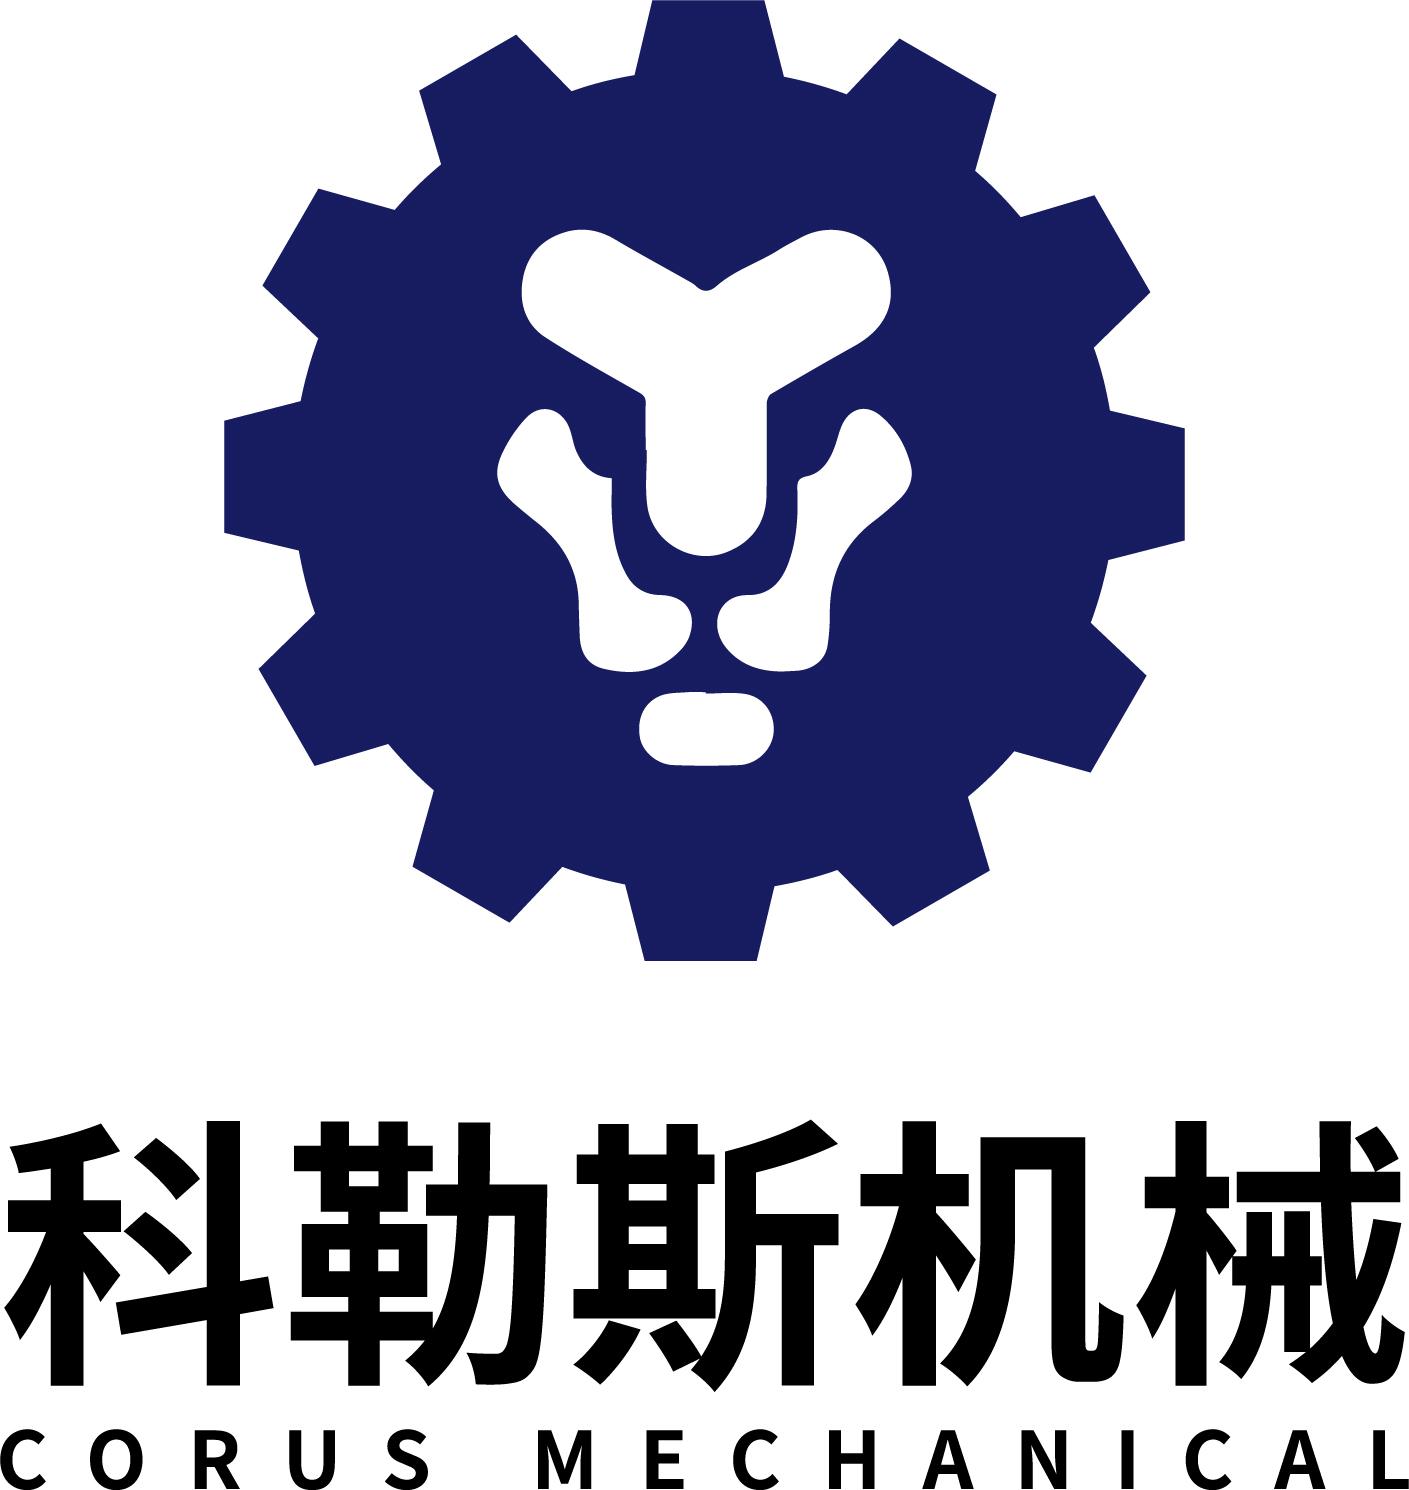 潍坊科勒斯机械科技有限公司